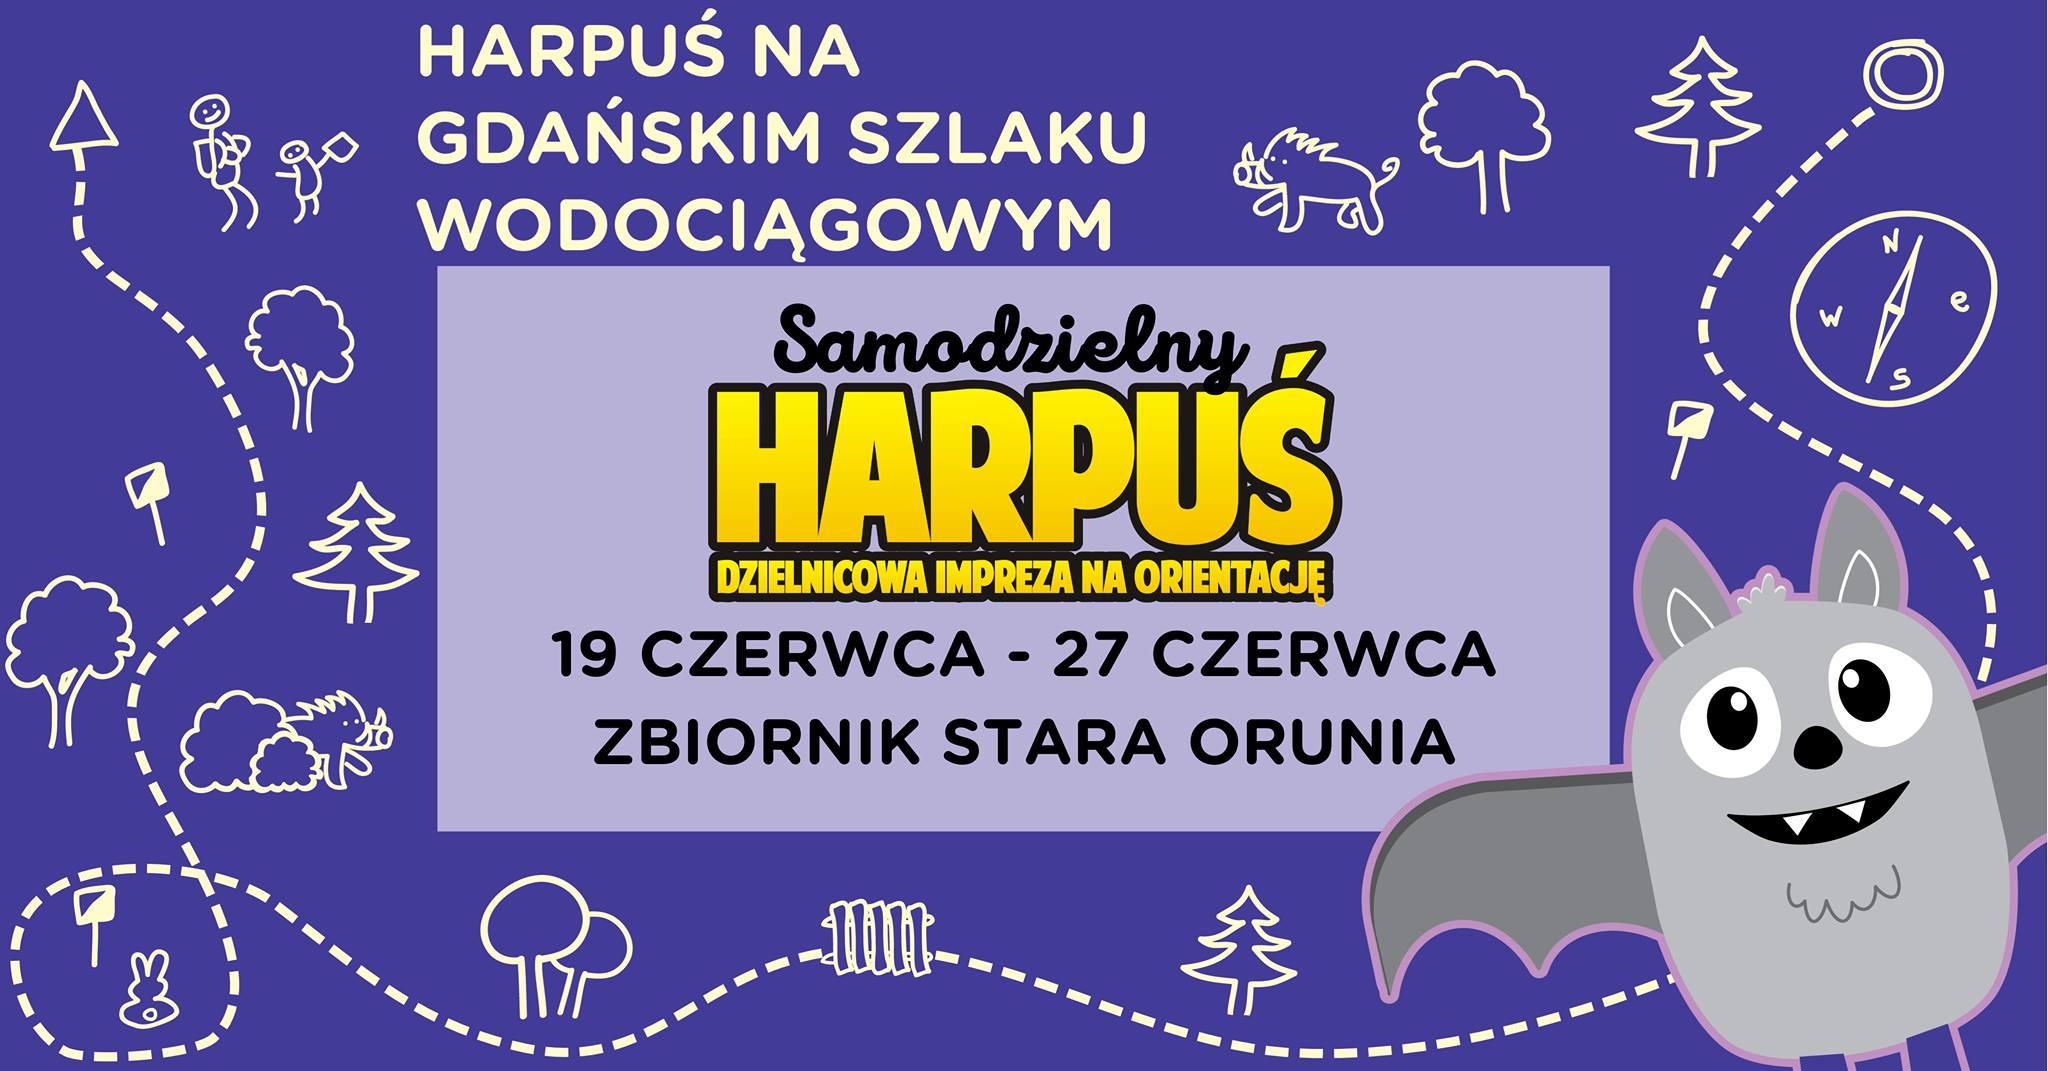 Samodzielny Harpuś - Dzielnicowa impreza na orientację: Zbiornik Stara Orunia